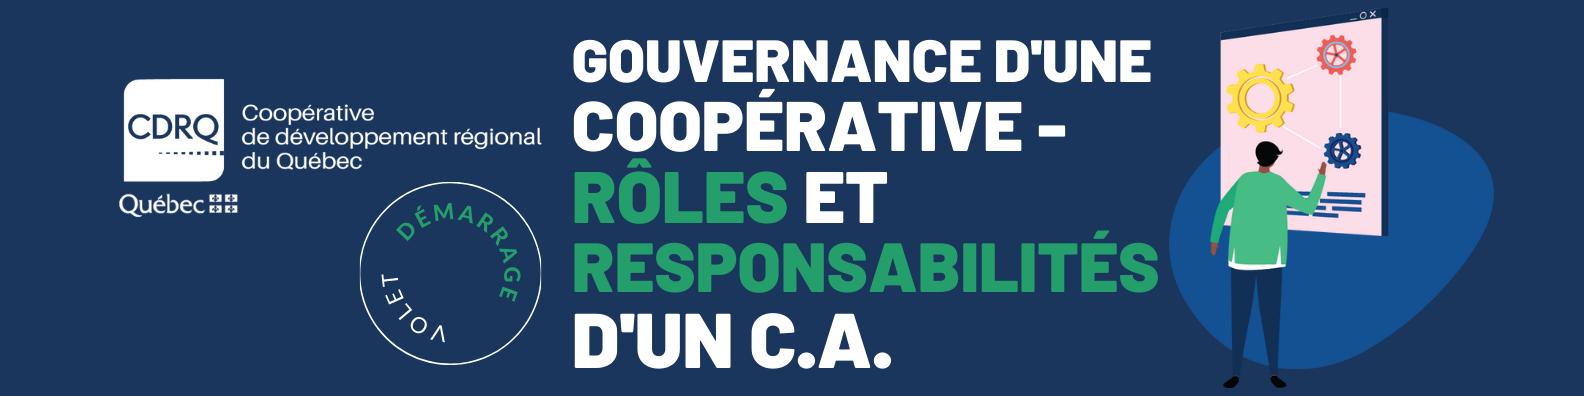 Roles et responsabilités d'un CA